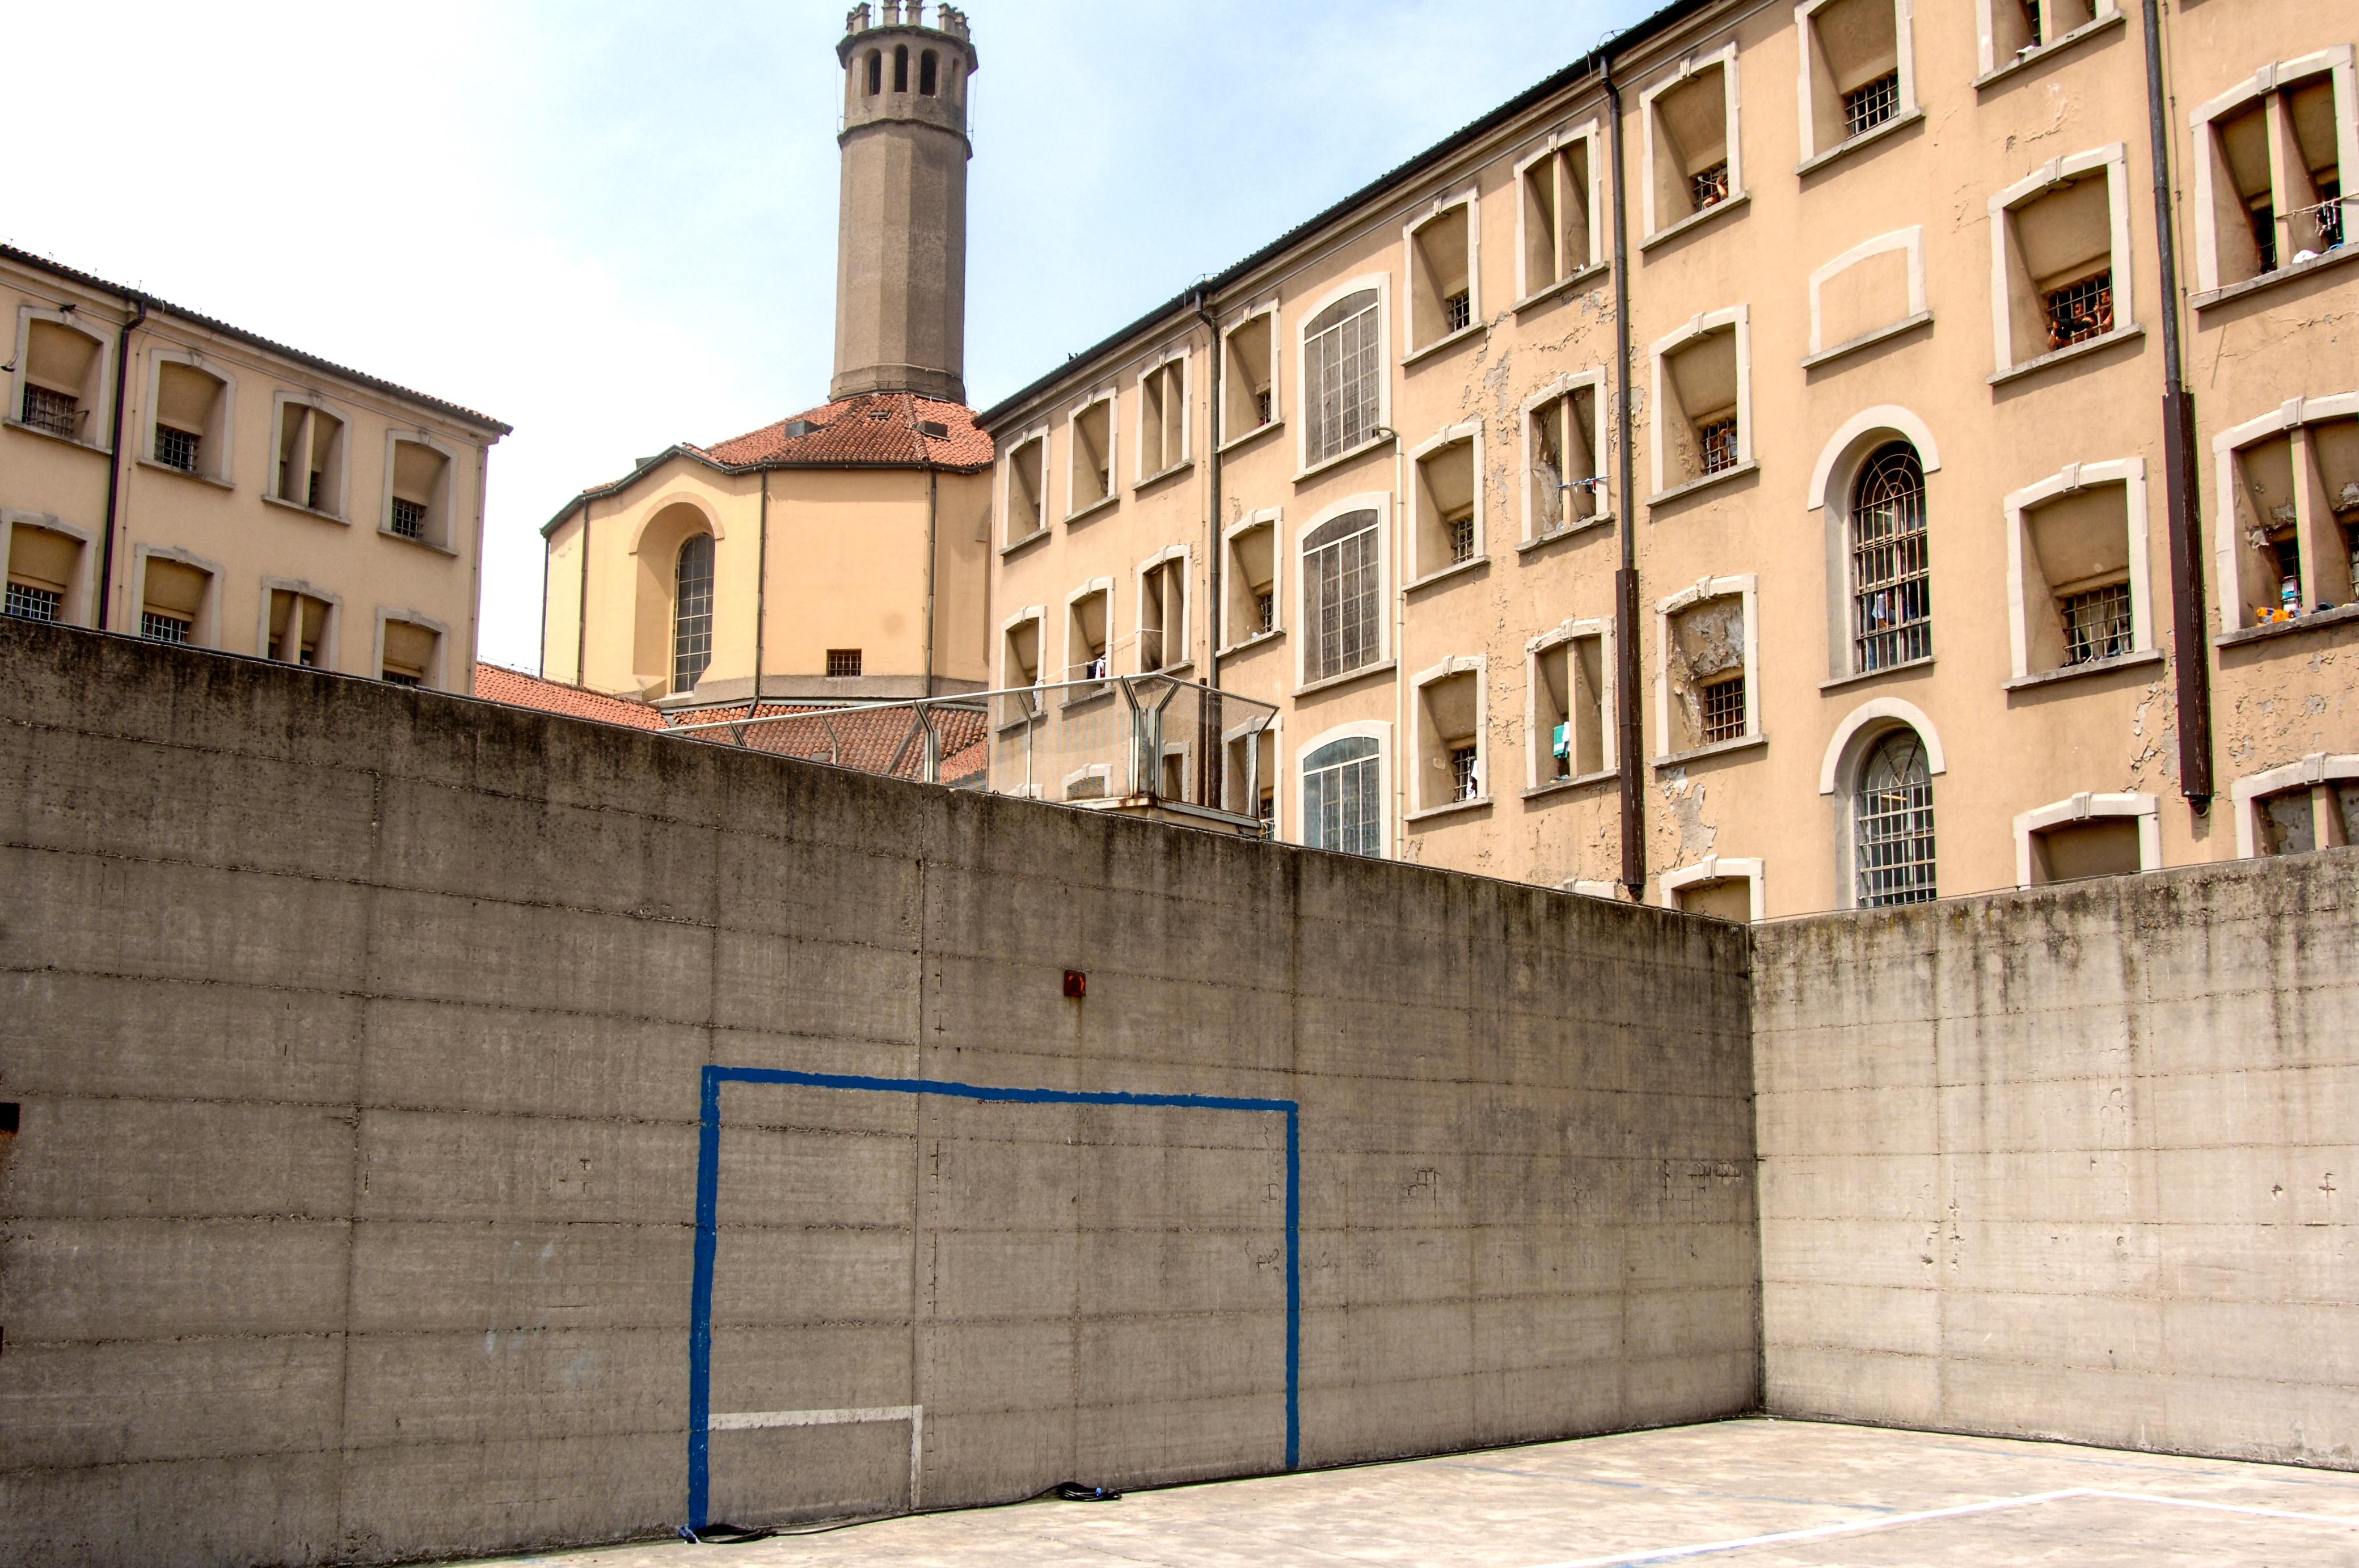 Vaccinazioni Covid carceri Lombardia